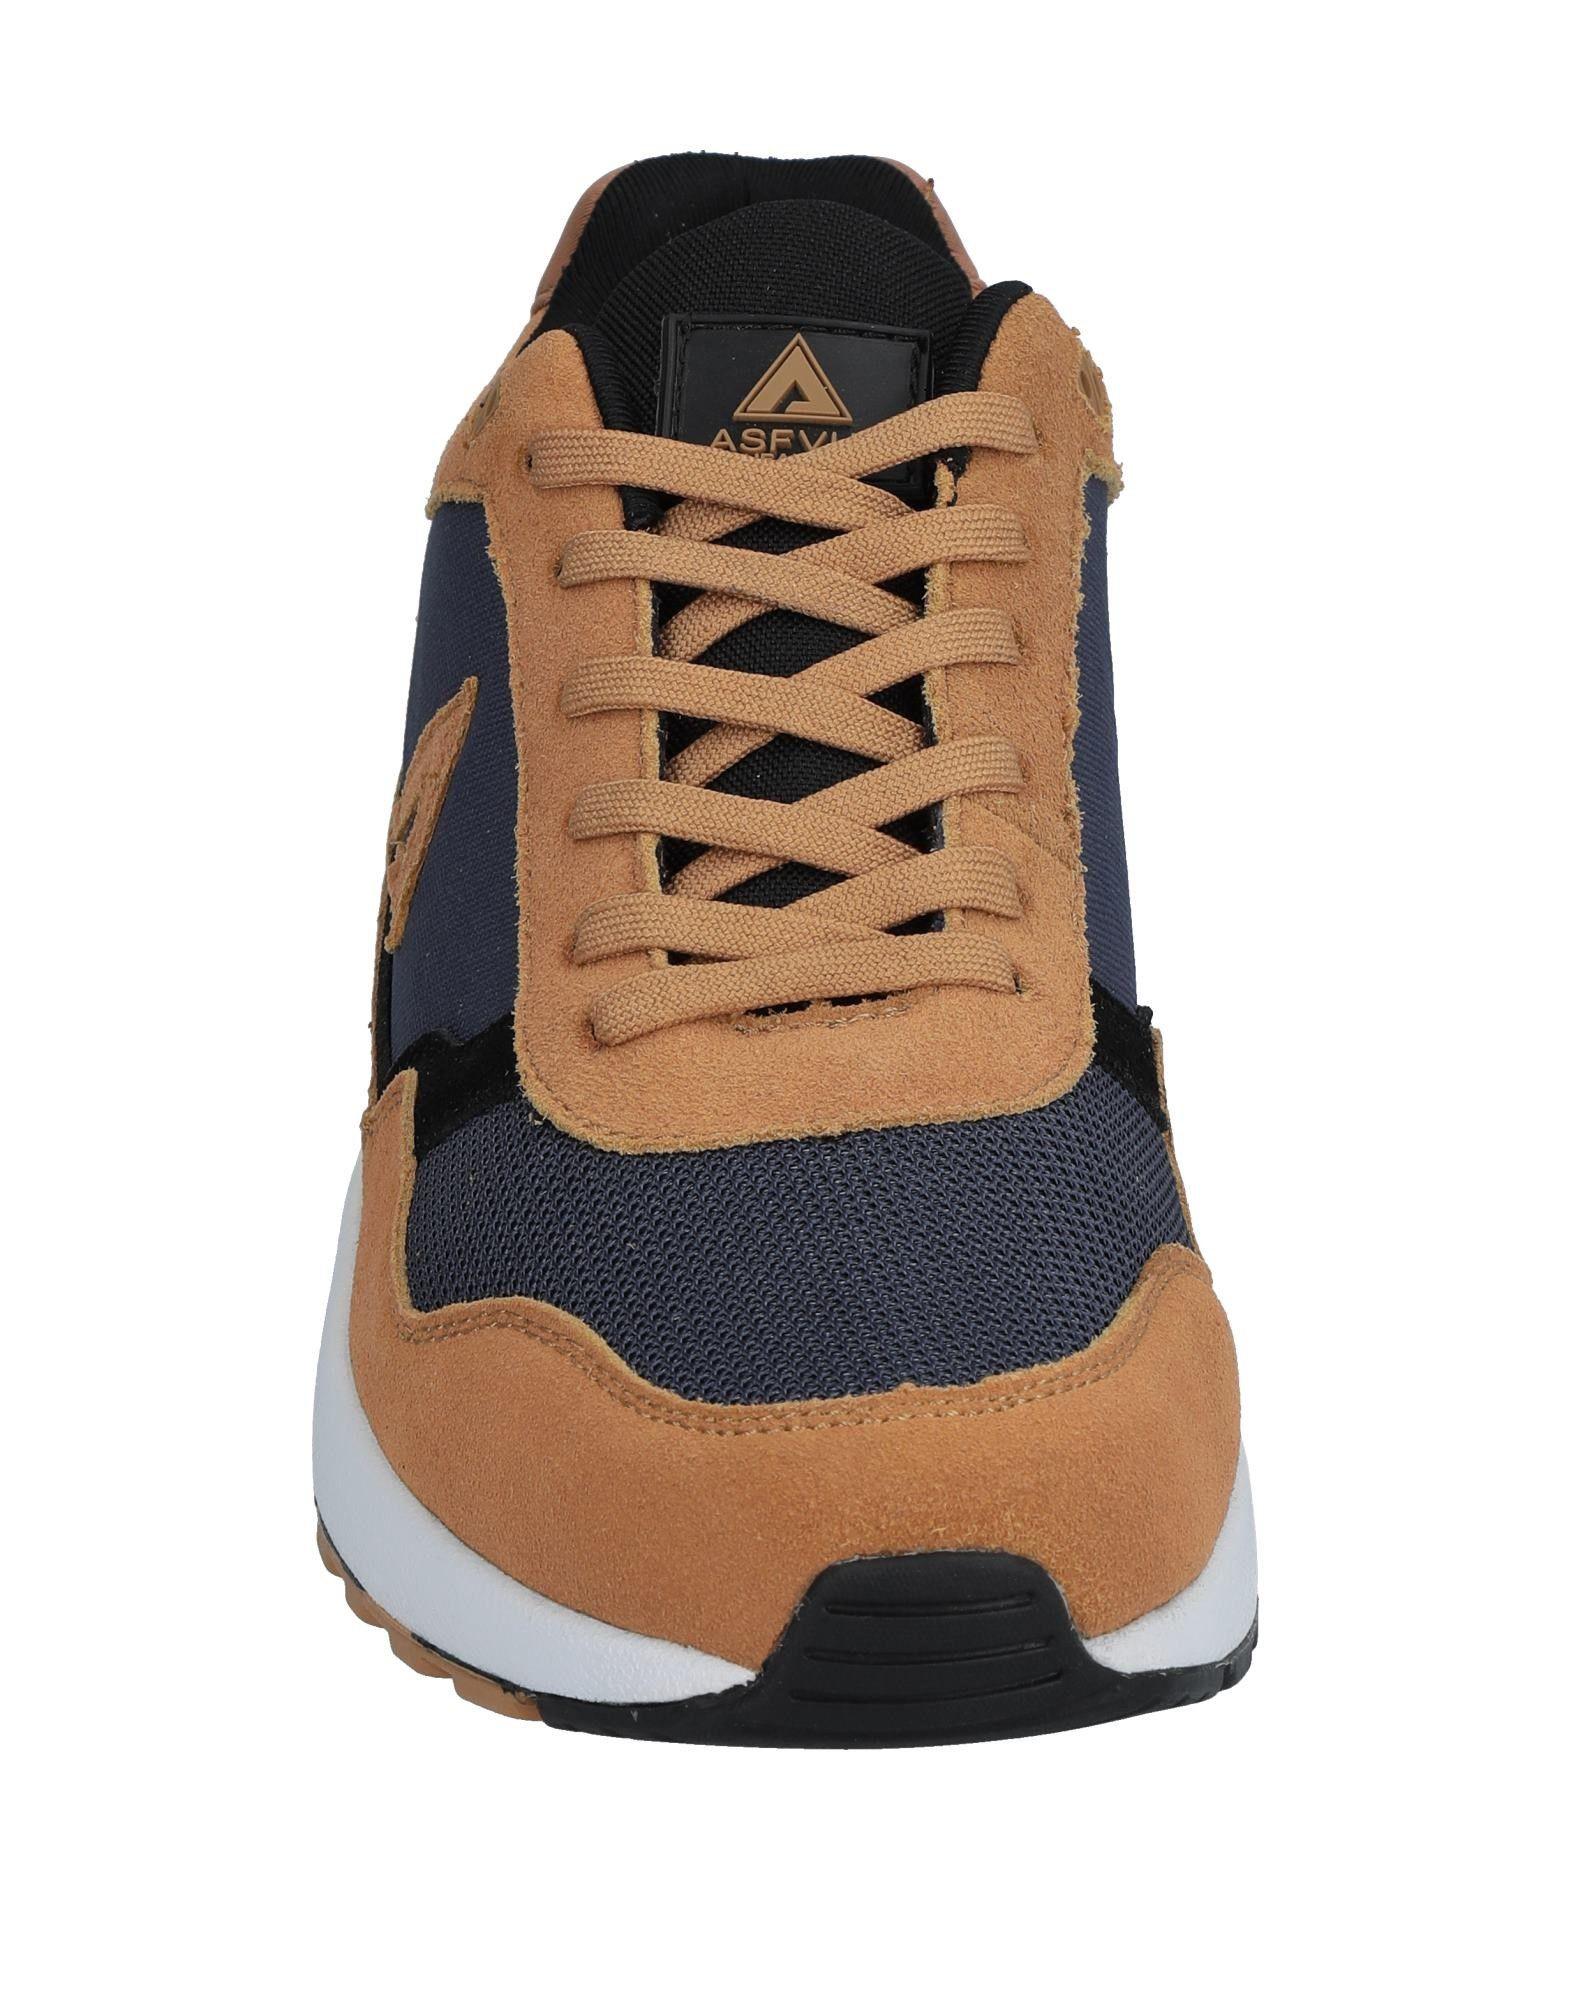 Scarpe economiche e resistenti Sneakers Asfvlt 11528311KT Uomo - 11528311KT Asfvlt 161e28